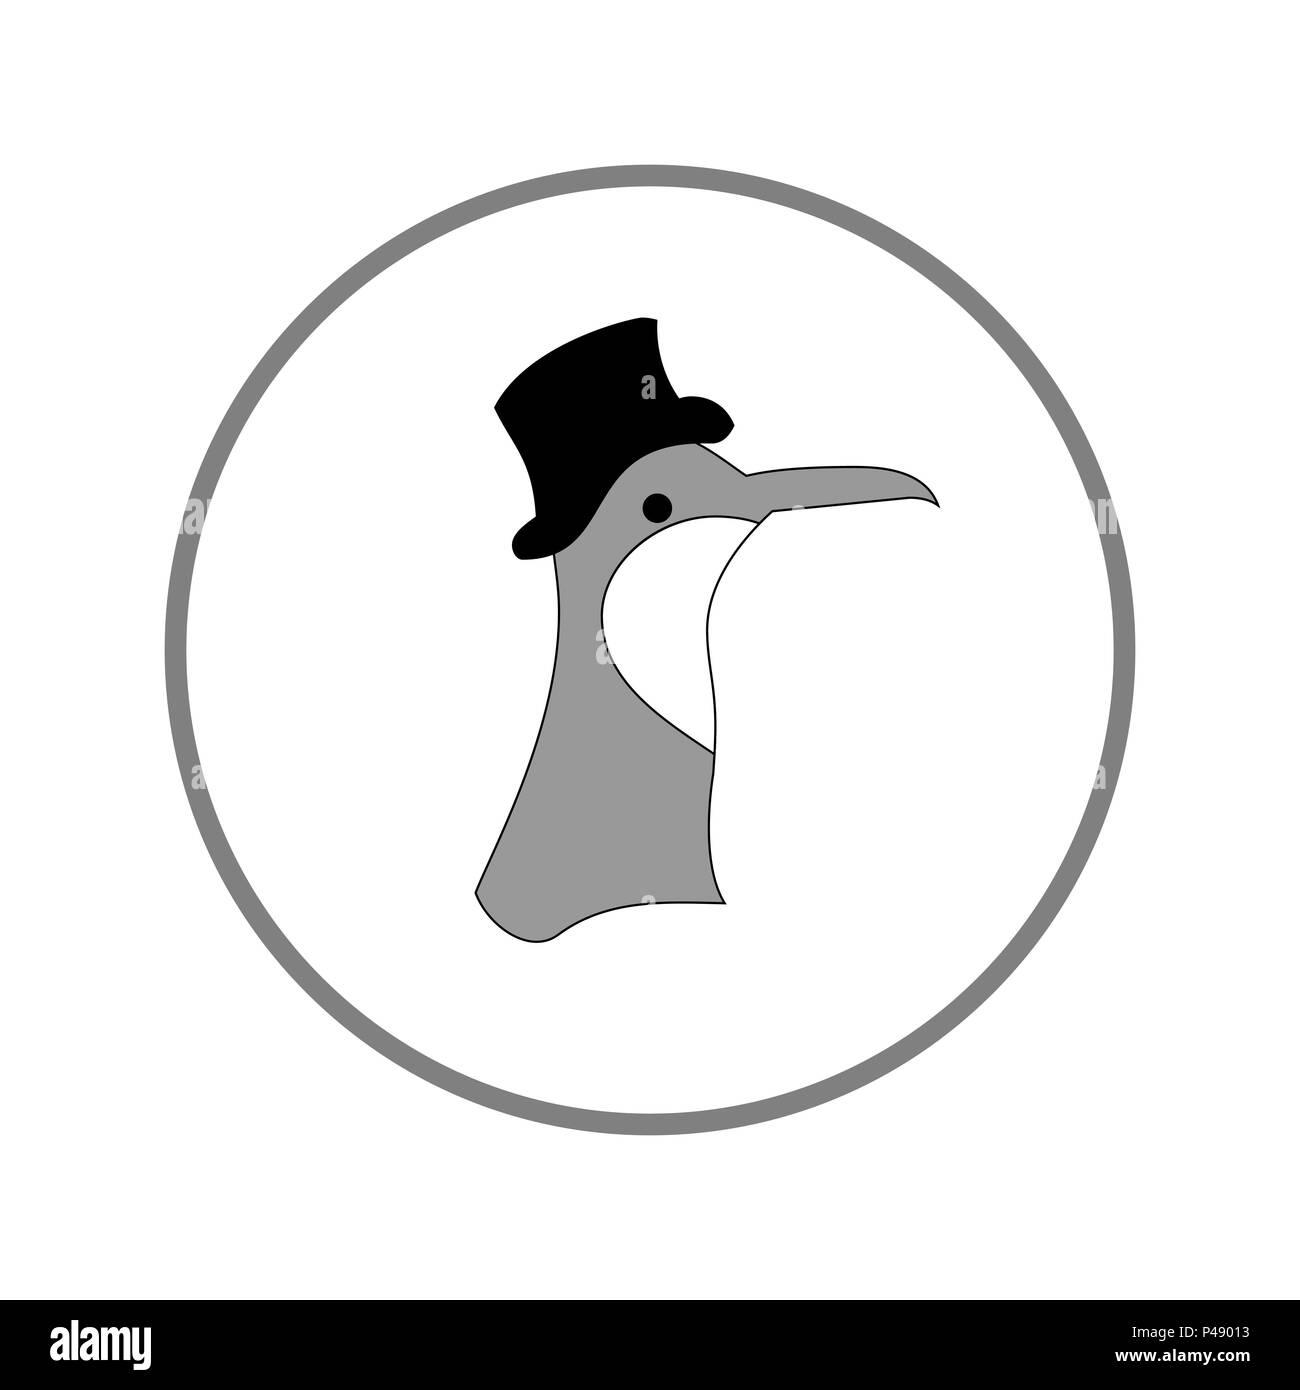 A cartoon bird with a big beak and a hat. - Stock Image